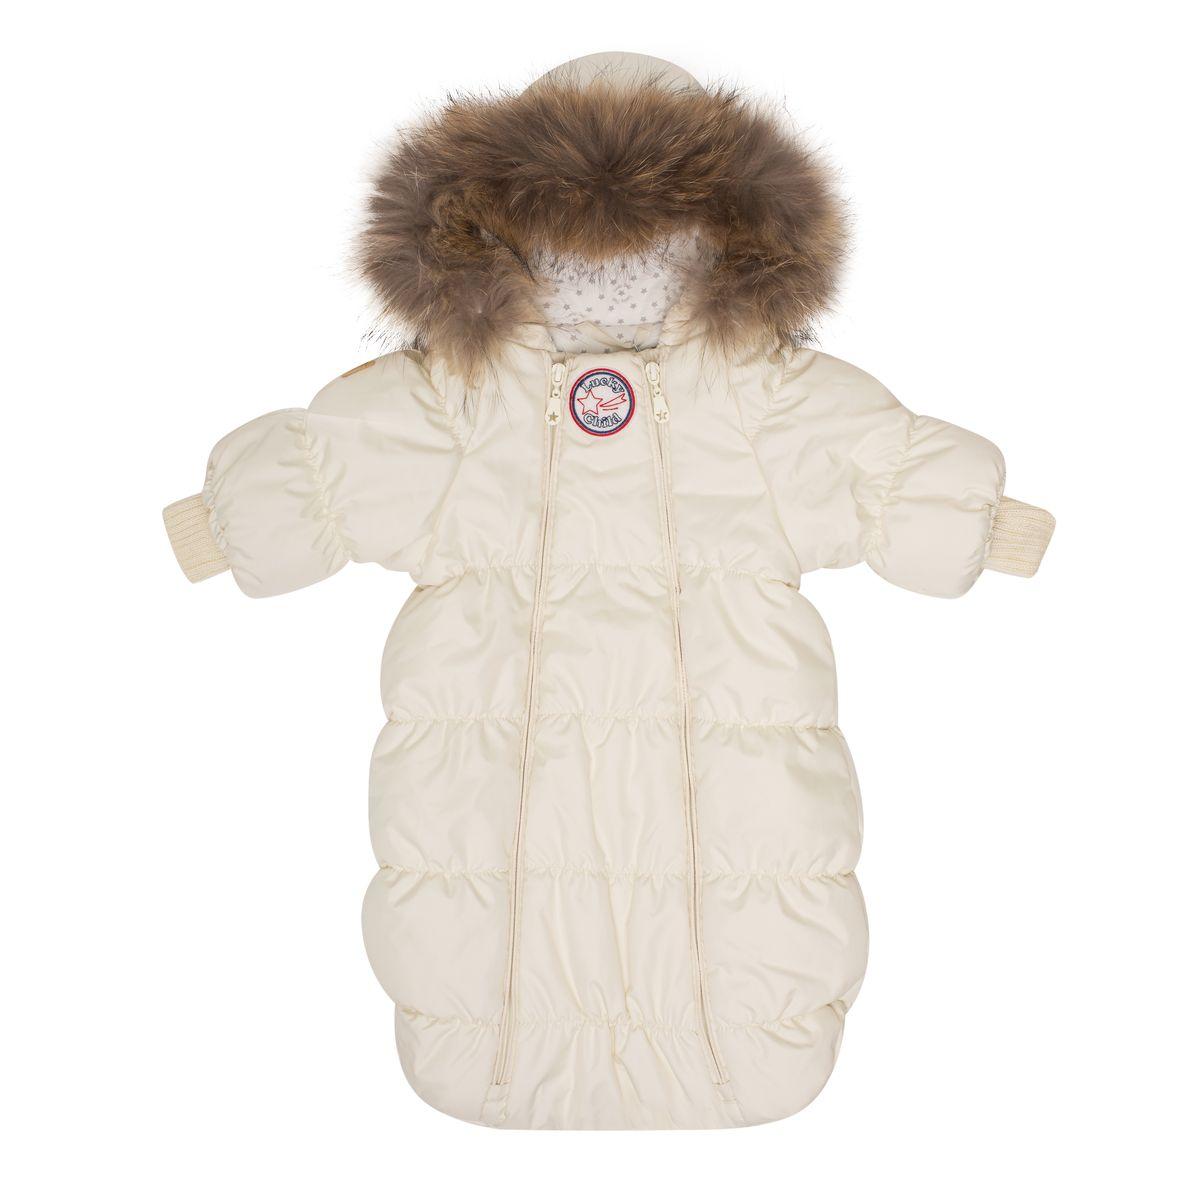 Комбинезон утепленныйВ1-1Если вы ожидаете появления малыша этой зимой, то первая вещь, которая вам понадобится, - это уютный комбинезон-конверт. Благодаря лёгкому и тёплому наполнителю Isosoft, он согреет вашего кроху во время зимних прогулок. Трикотажная подкладка с воздухопроницаемыми и водоотводными свойствами не позволит ему вспотеть, даже если малыш проспит на улице три часа. Подходит для прогулок при при температуре до -30°. Ручки младенца можно легко спрятать в отворачивающуюся варежку. Капюшон оторочен натуральным мехом енота. Удобная двойная молния позволяет легко одеть и раздеть ребёнка или просто поменять подгузник и продолжить прогулку.